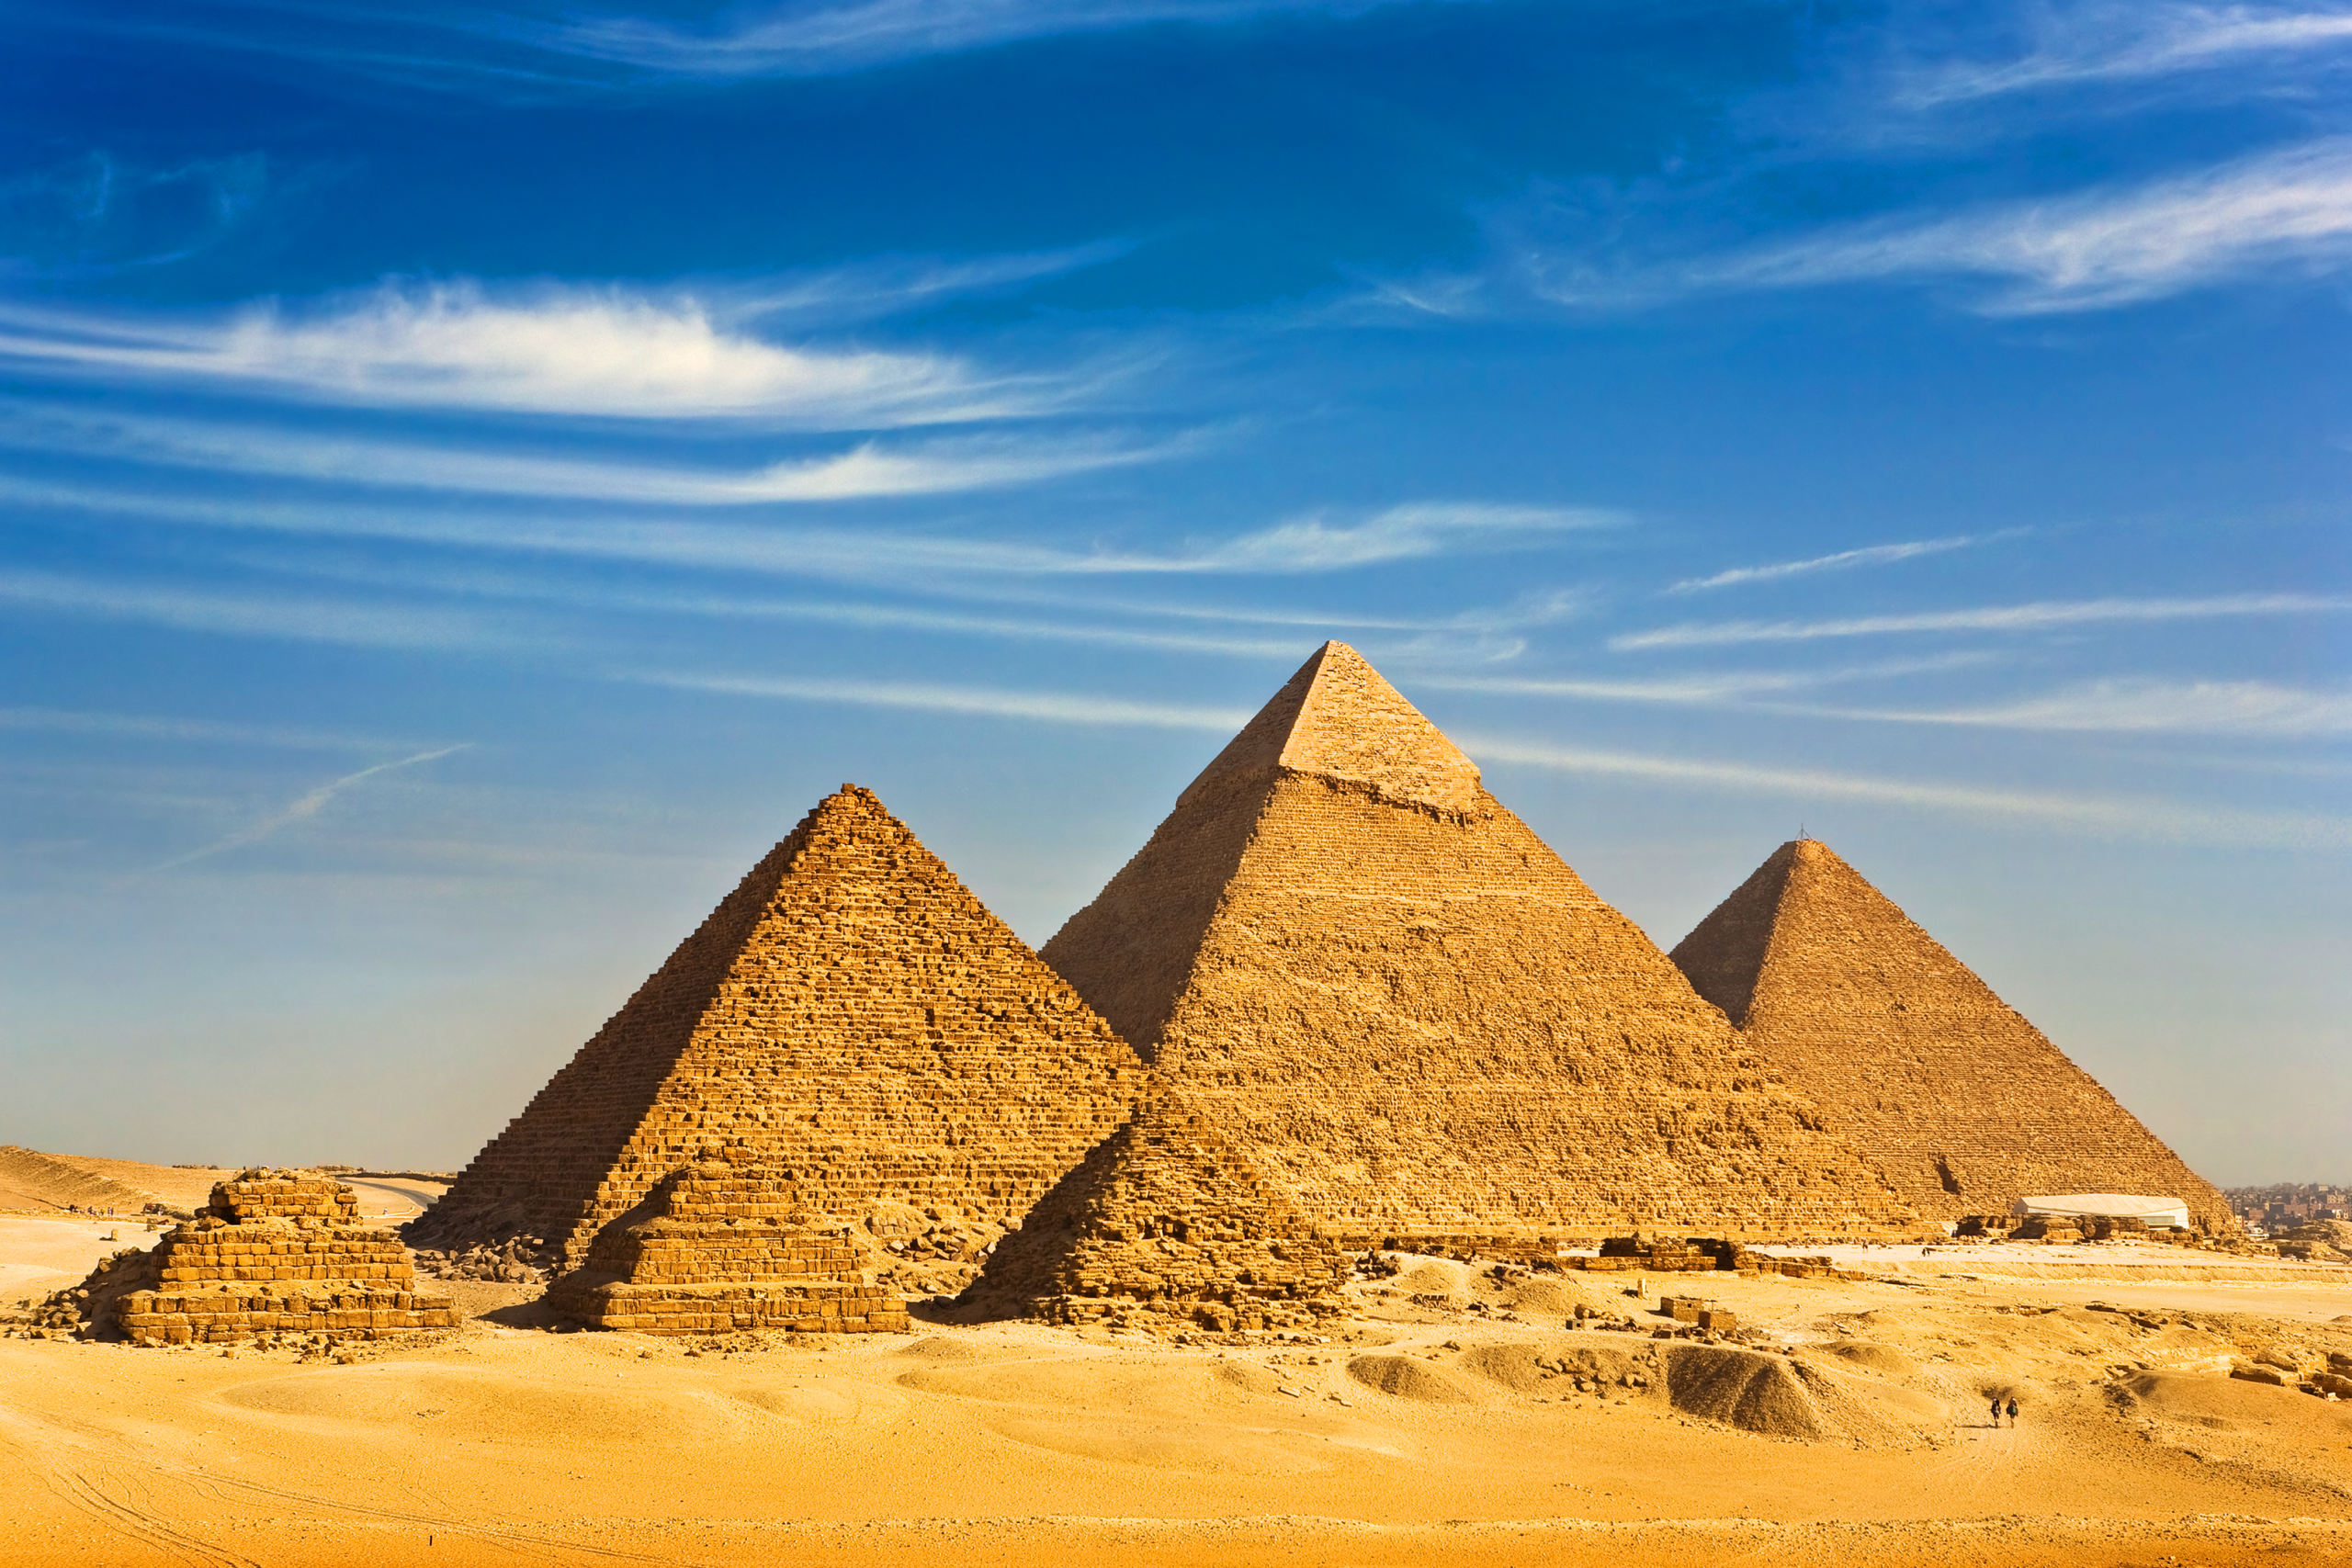 Las pirámides de Giza - Egipto